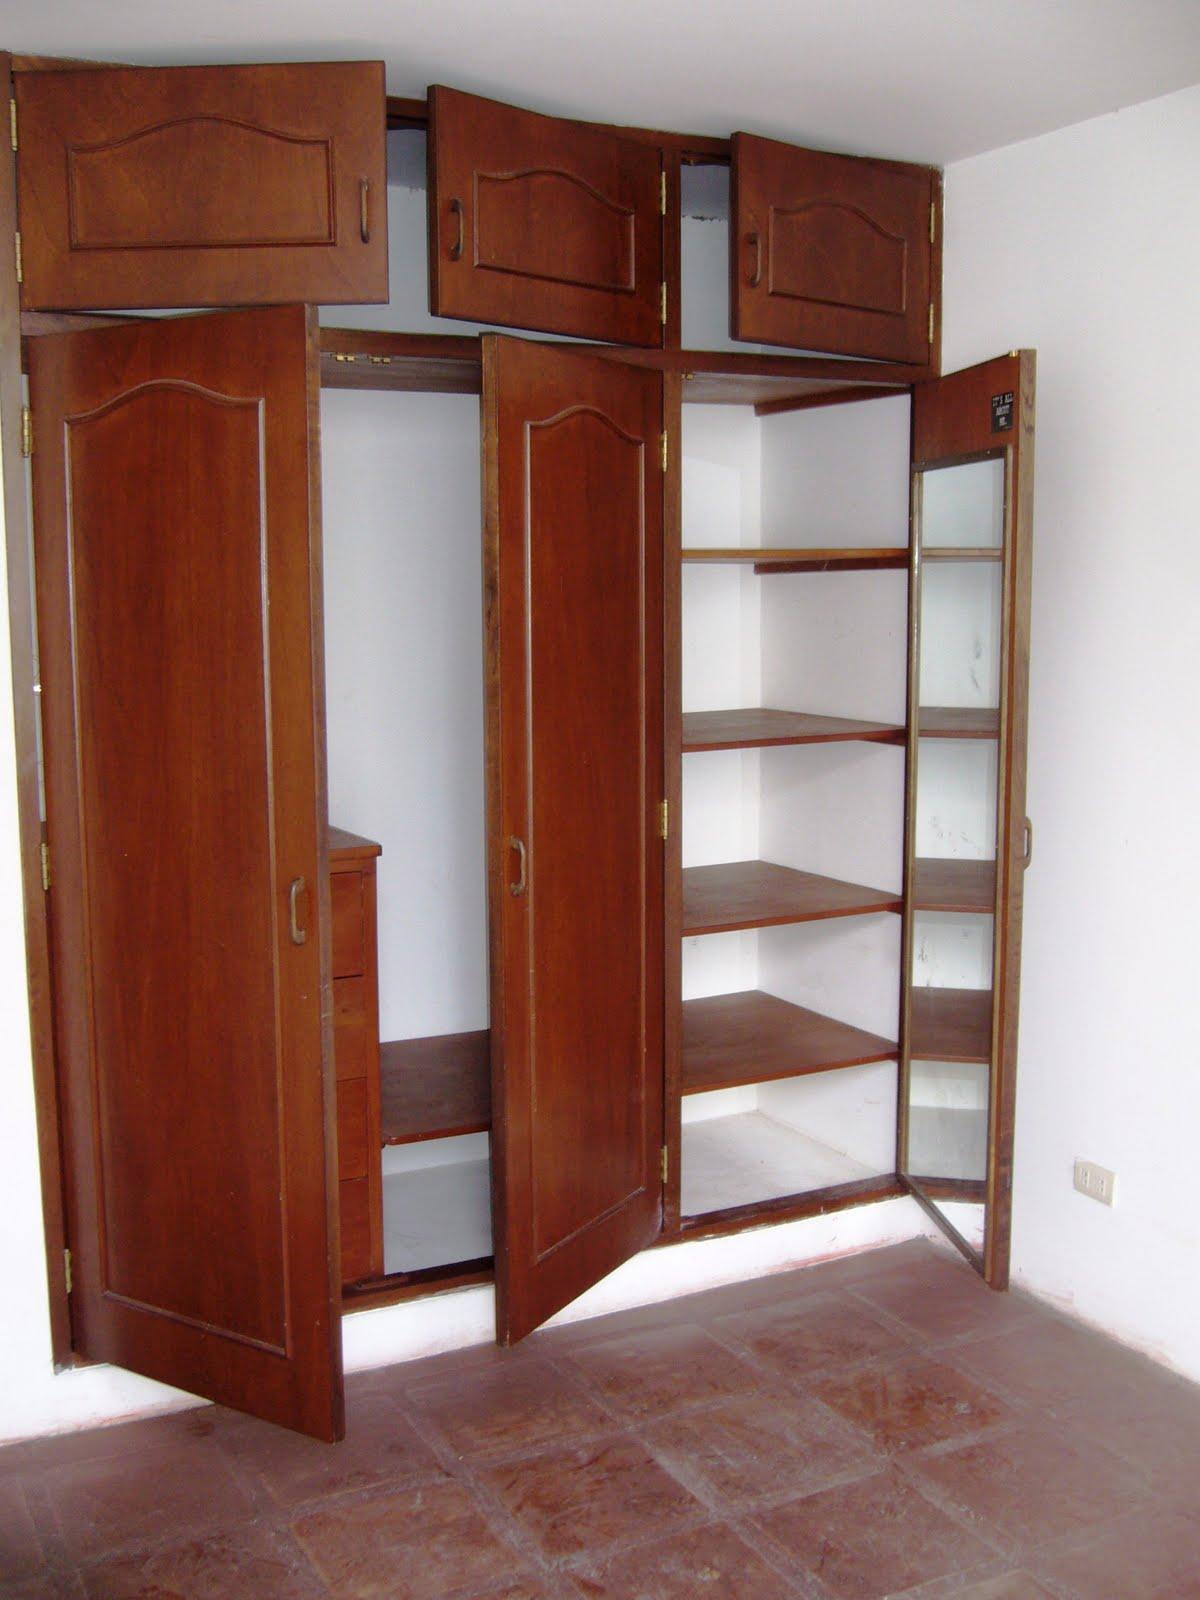 Closet de madera imagui for Closets de madera modernos economicos